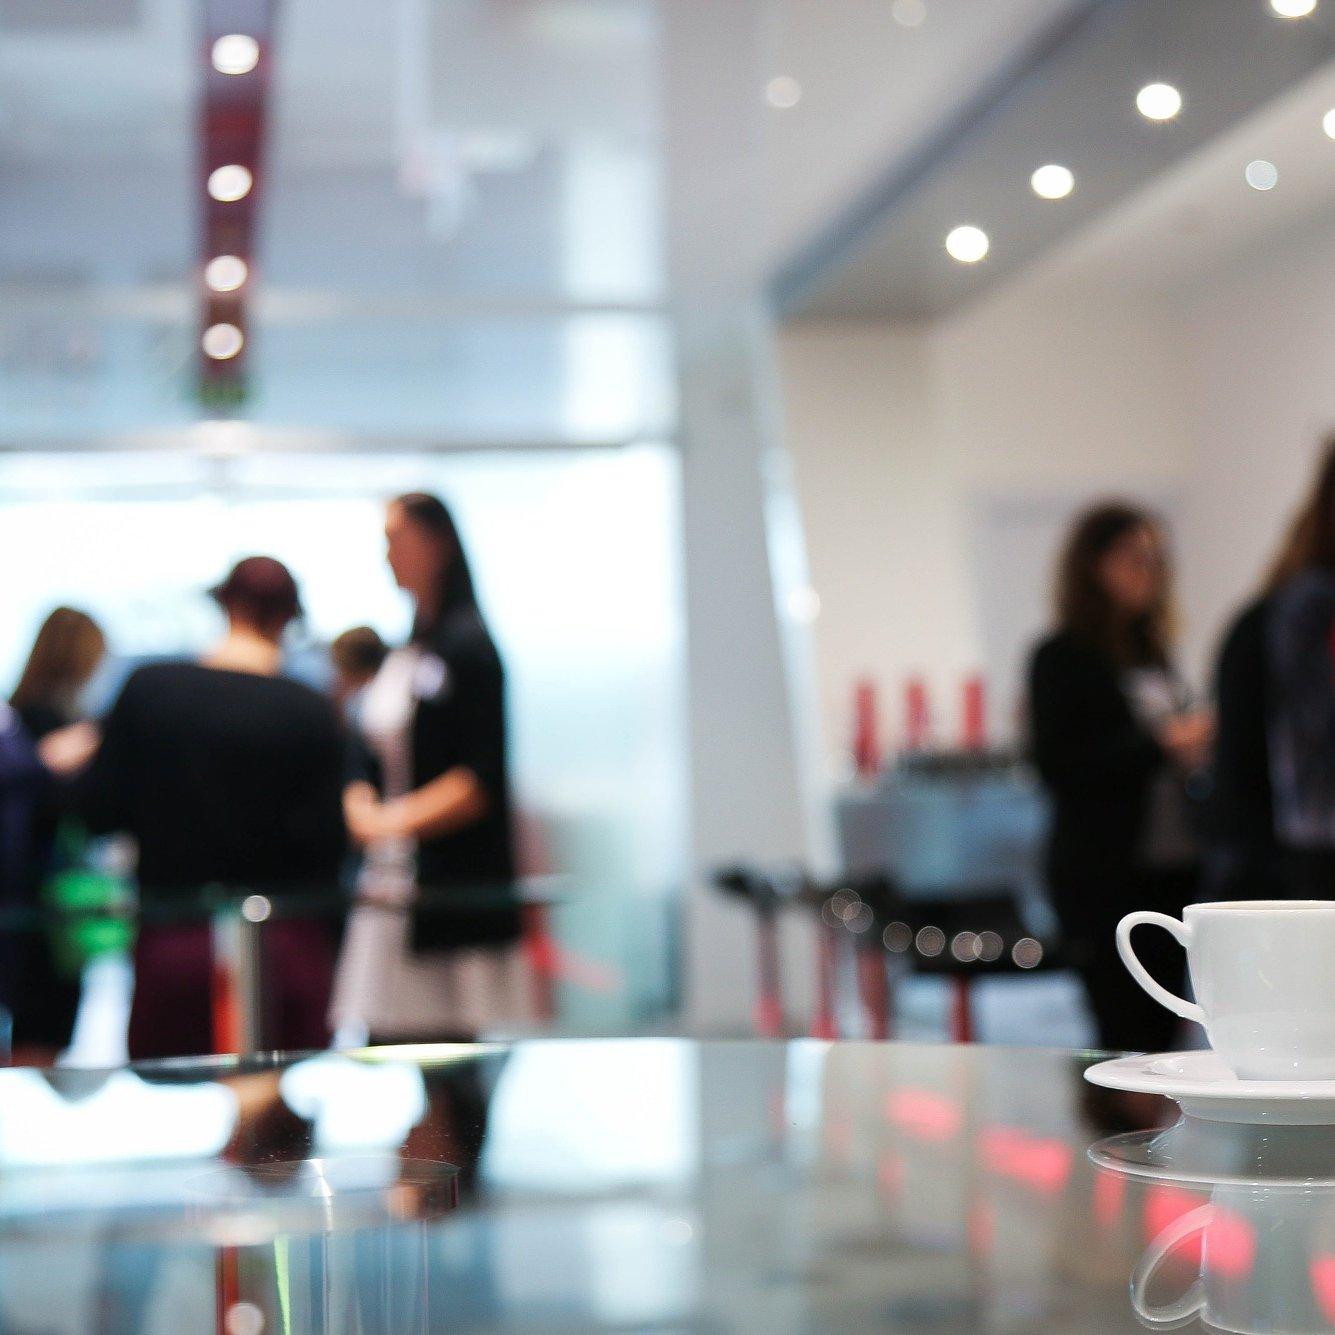 Ihmisiä juttelee keskenään taustalla, etualalla valkoinen kahvikuppi pöydällä